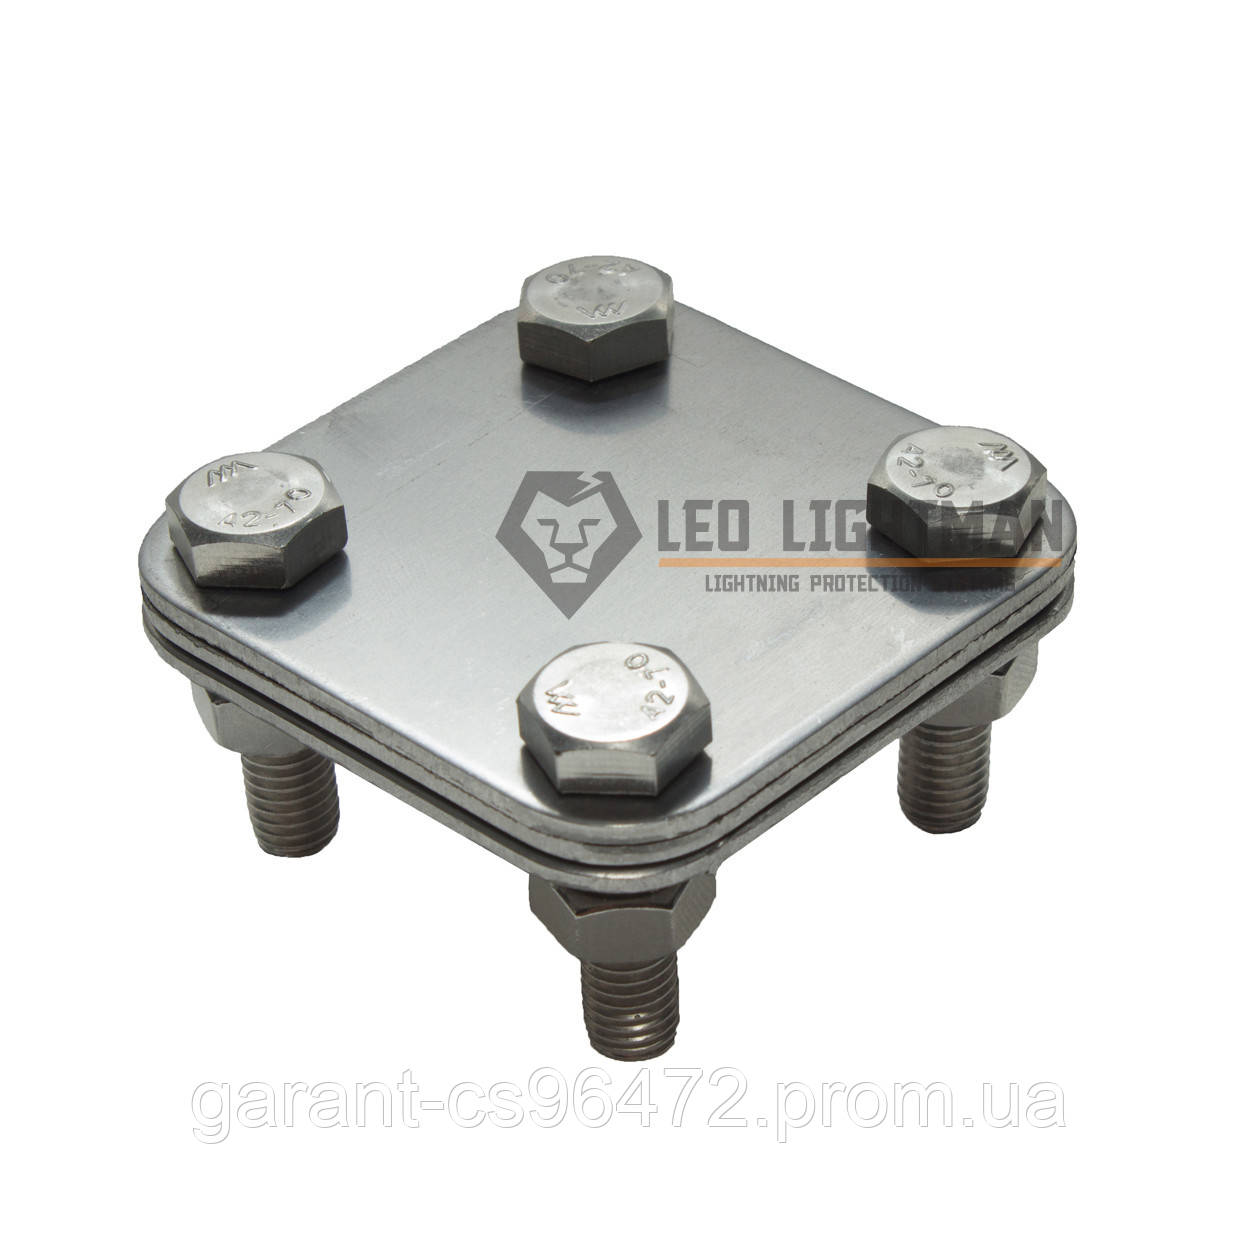 З'єднувач хрестової Cross для плоских провідників шириною до 30мм NI (V2A)